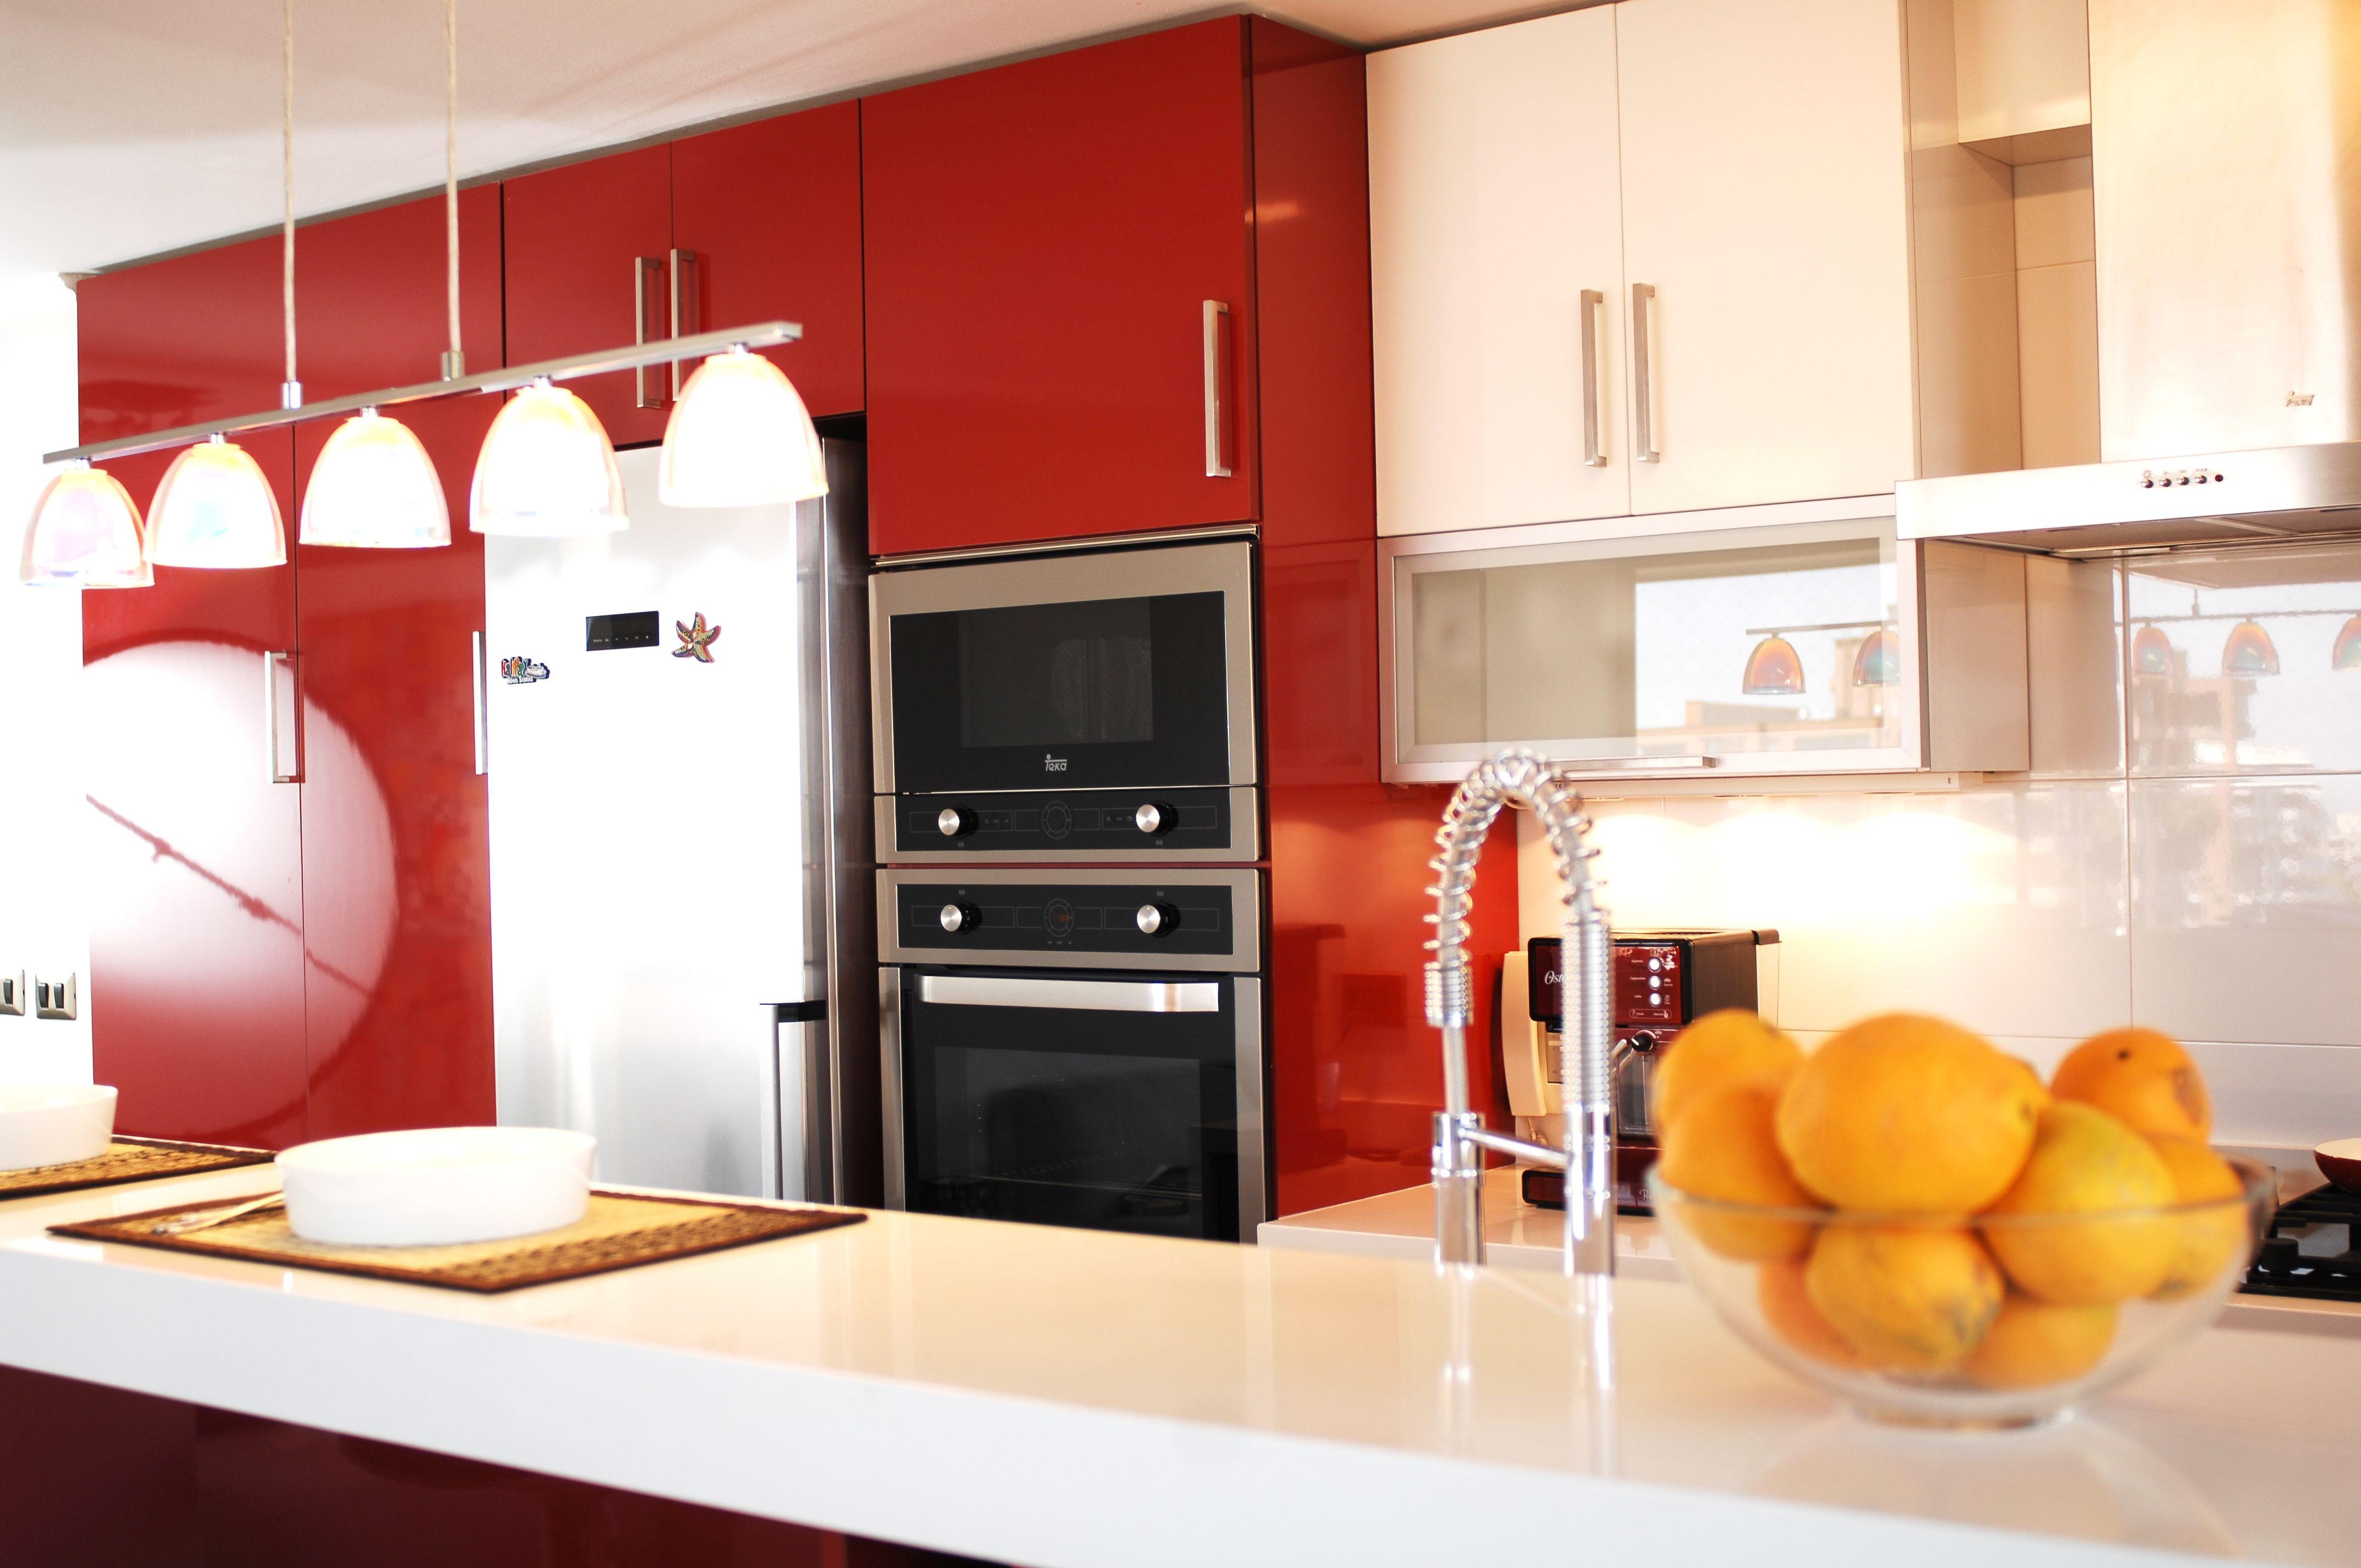 Cocina moderna, muebles alto brillo, artefactos Teka, lámparas Eglo ...